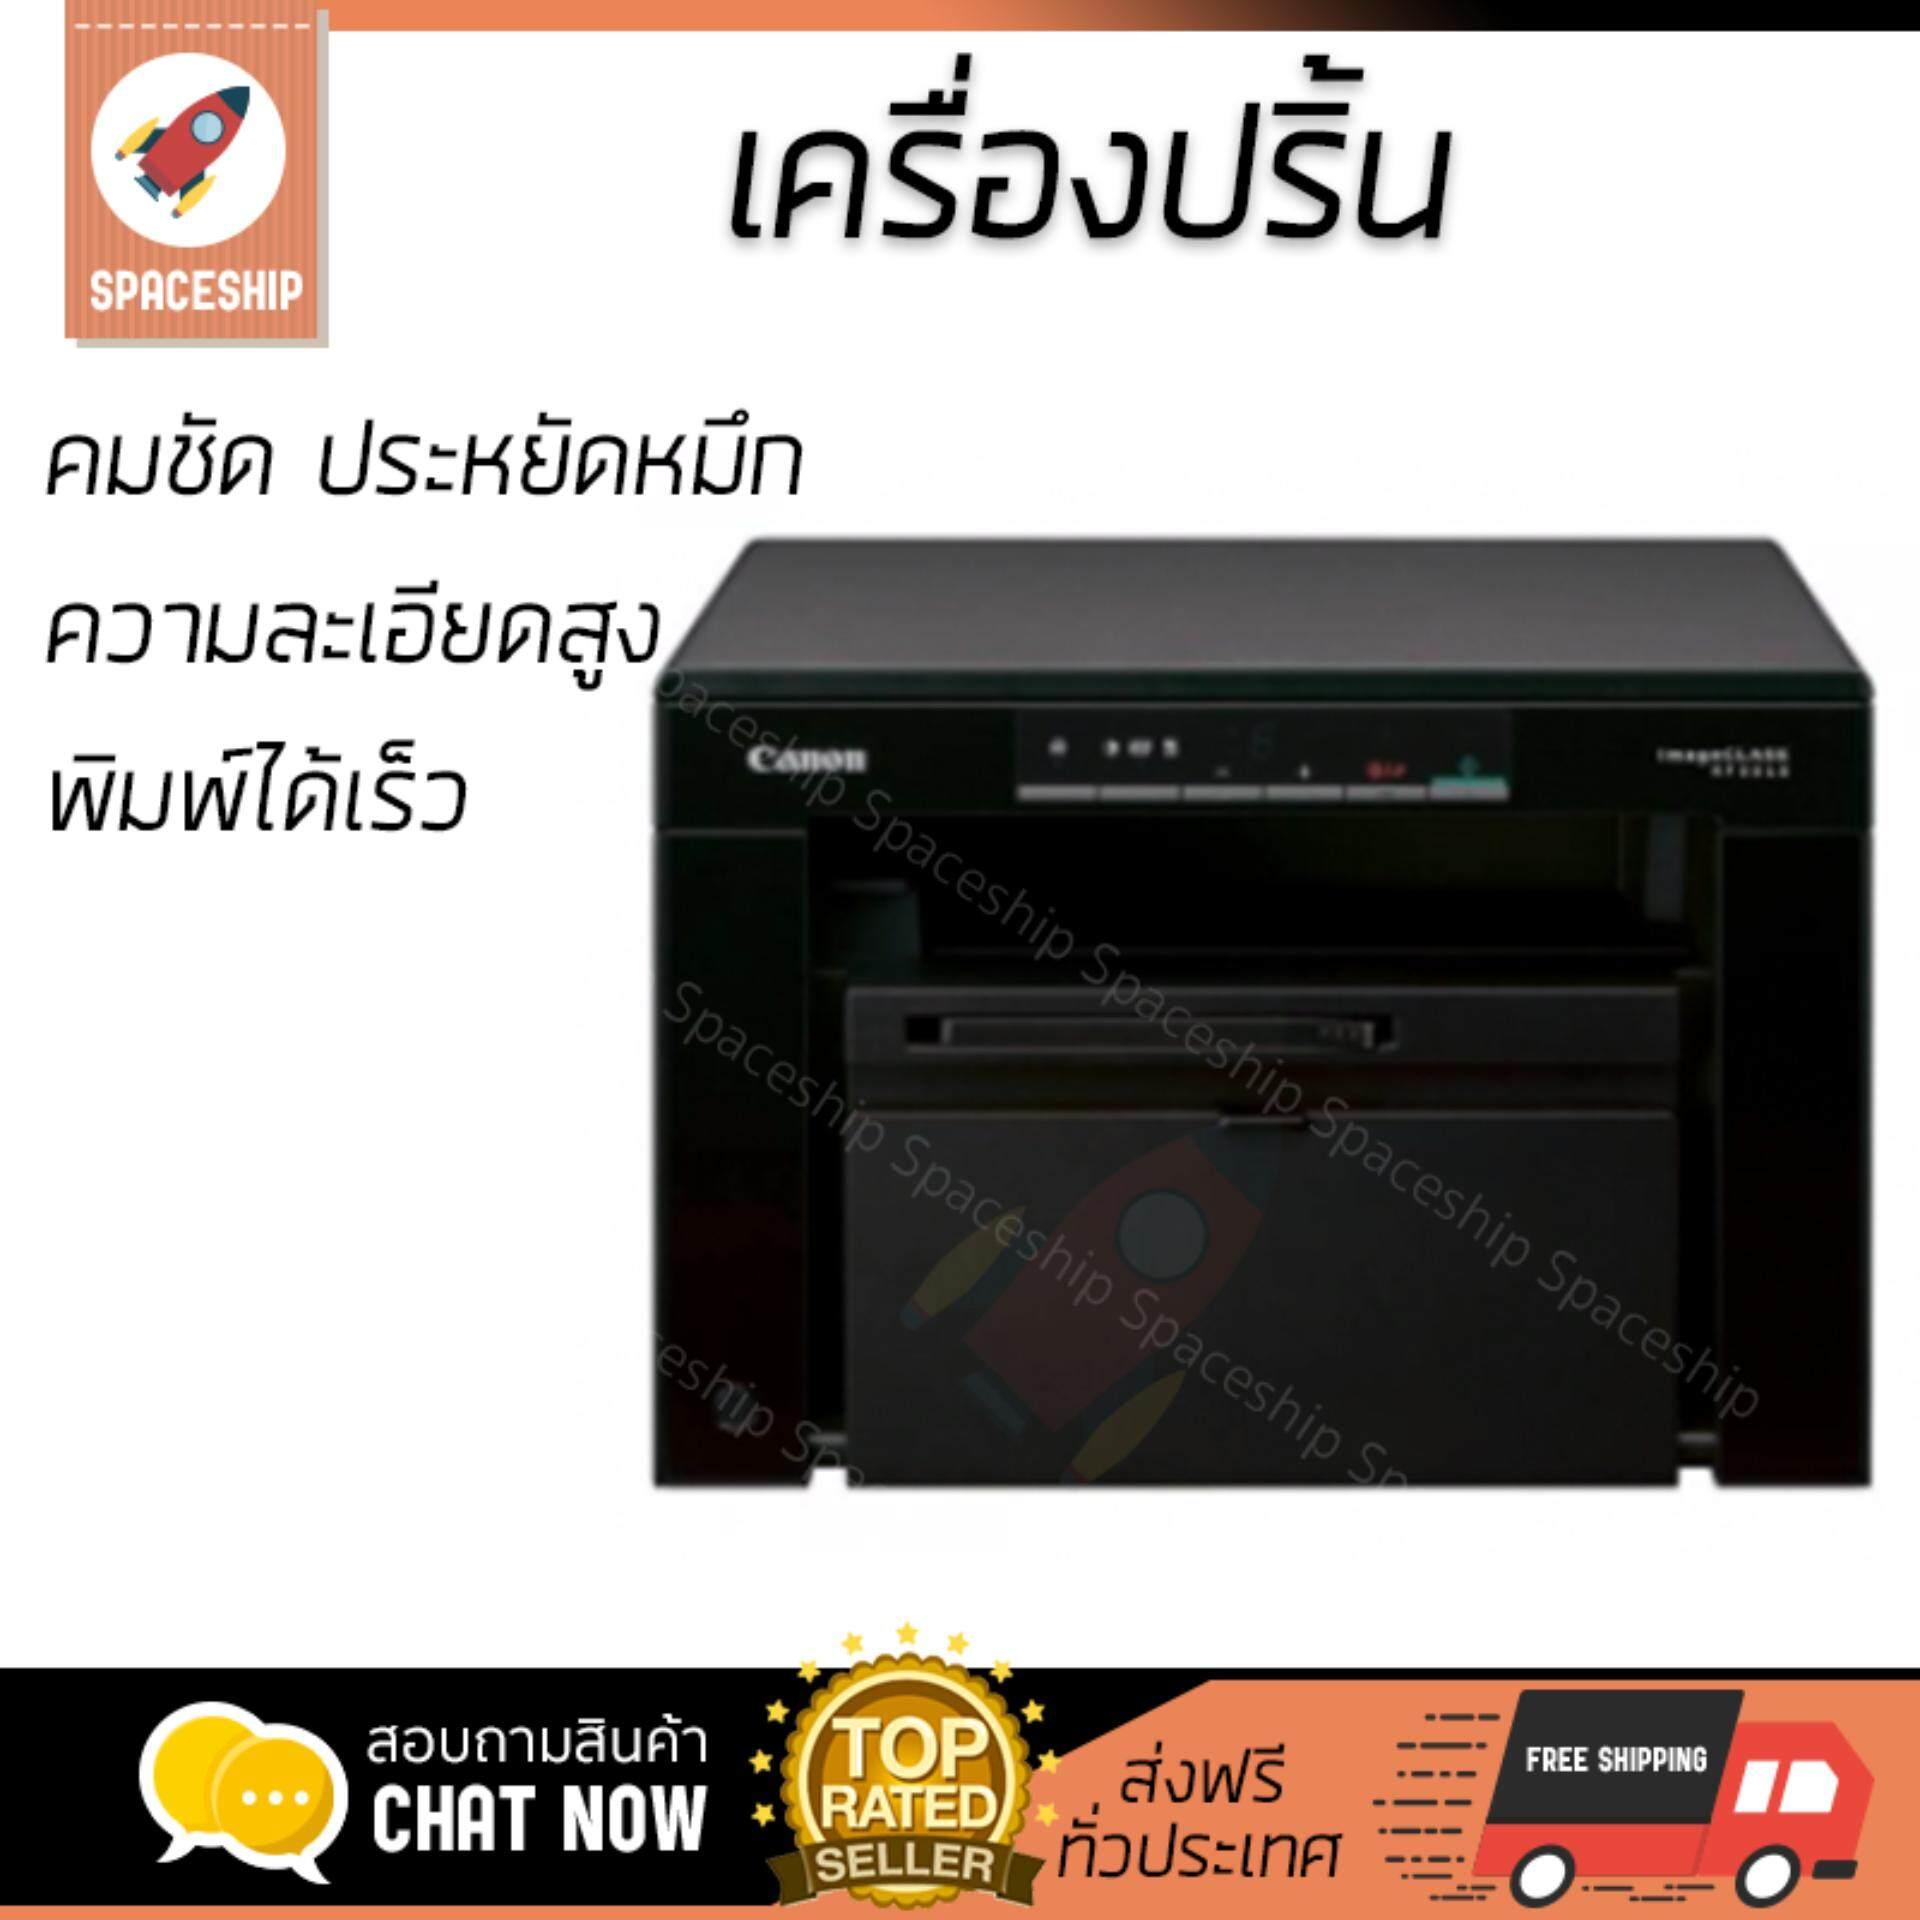 สุดยอดสินค้า!! โปรโมชัน เครื่องพิมพ์           CANON ปริ้นเตอร์ Canon รุ่น MULTI LS3IN1 MF3010             ความละเอียดสูง คมชัด ประหยัดหมึก เครื่องปริ้น เครื่องปริ้นท์ All in one Printer รับประกันสินค